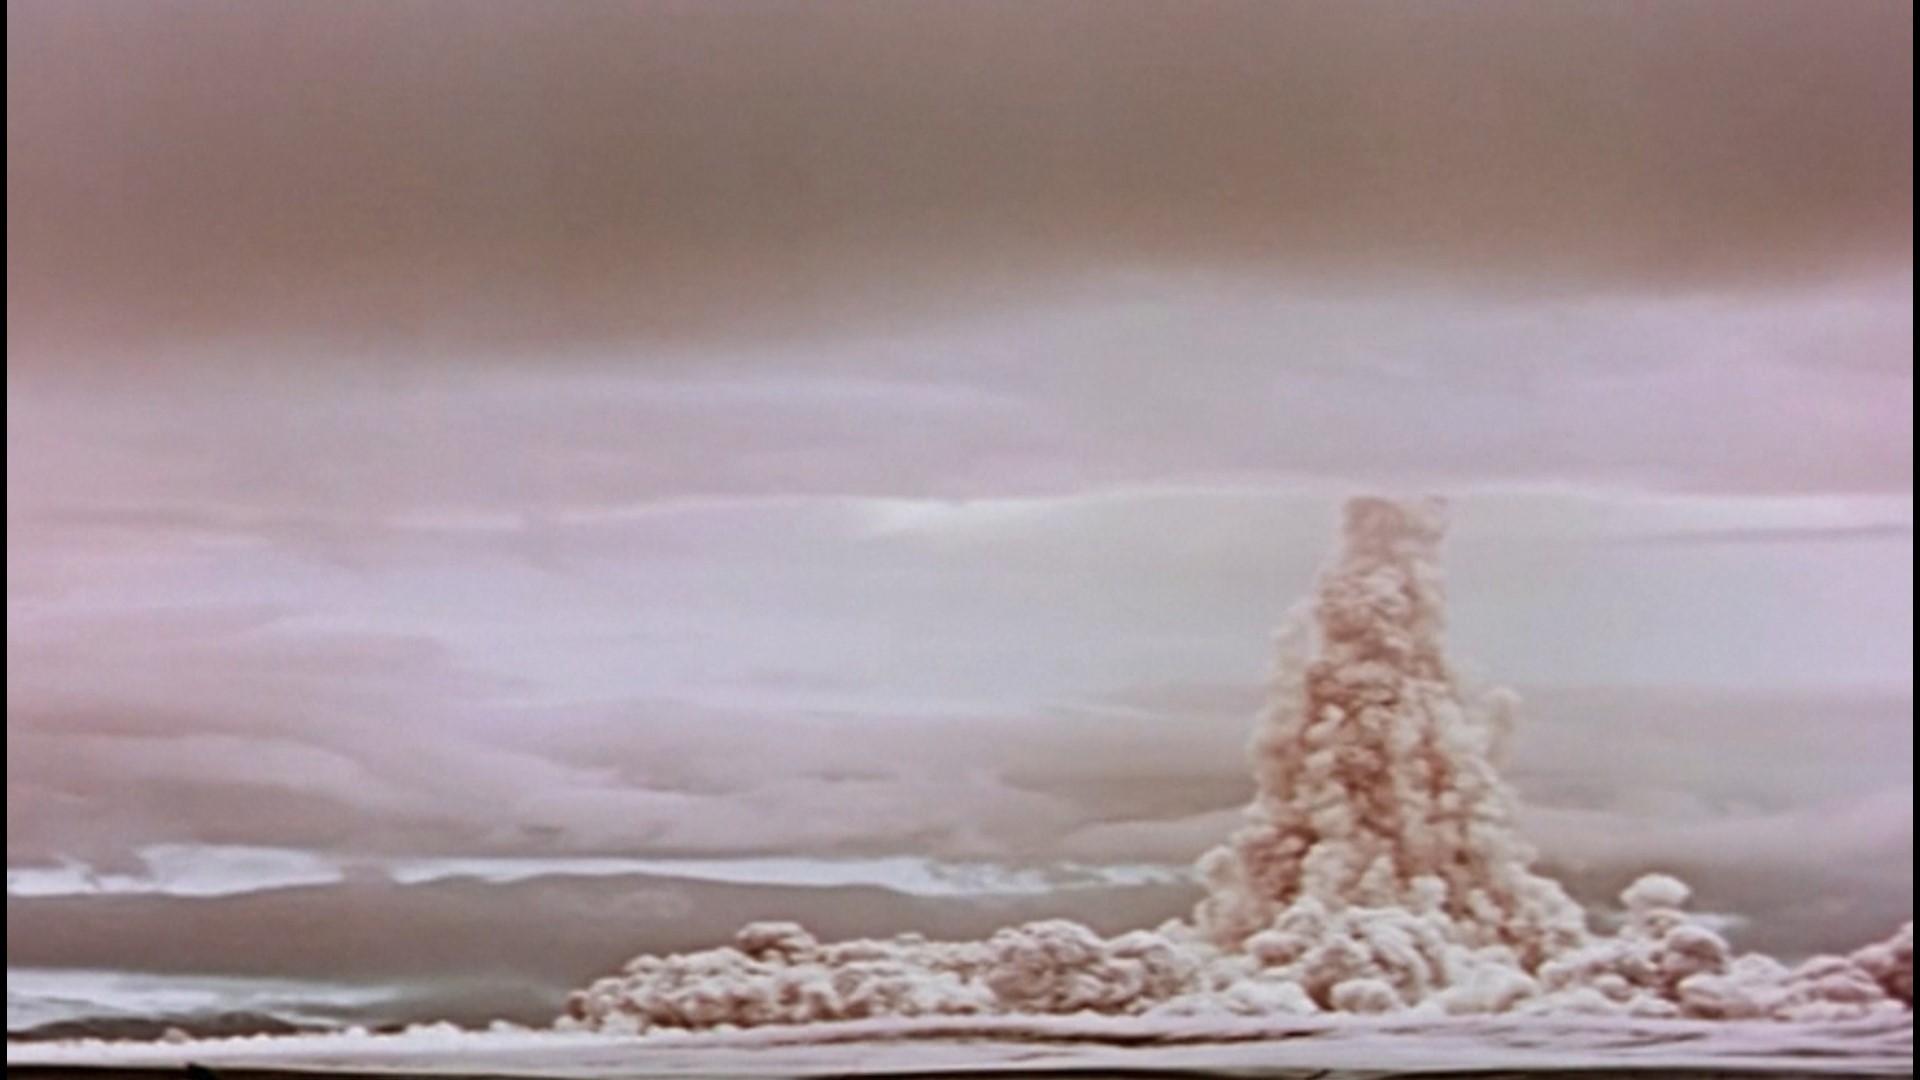 50 Amazing Explosion Animated Gif Images - Best Animations